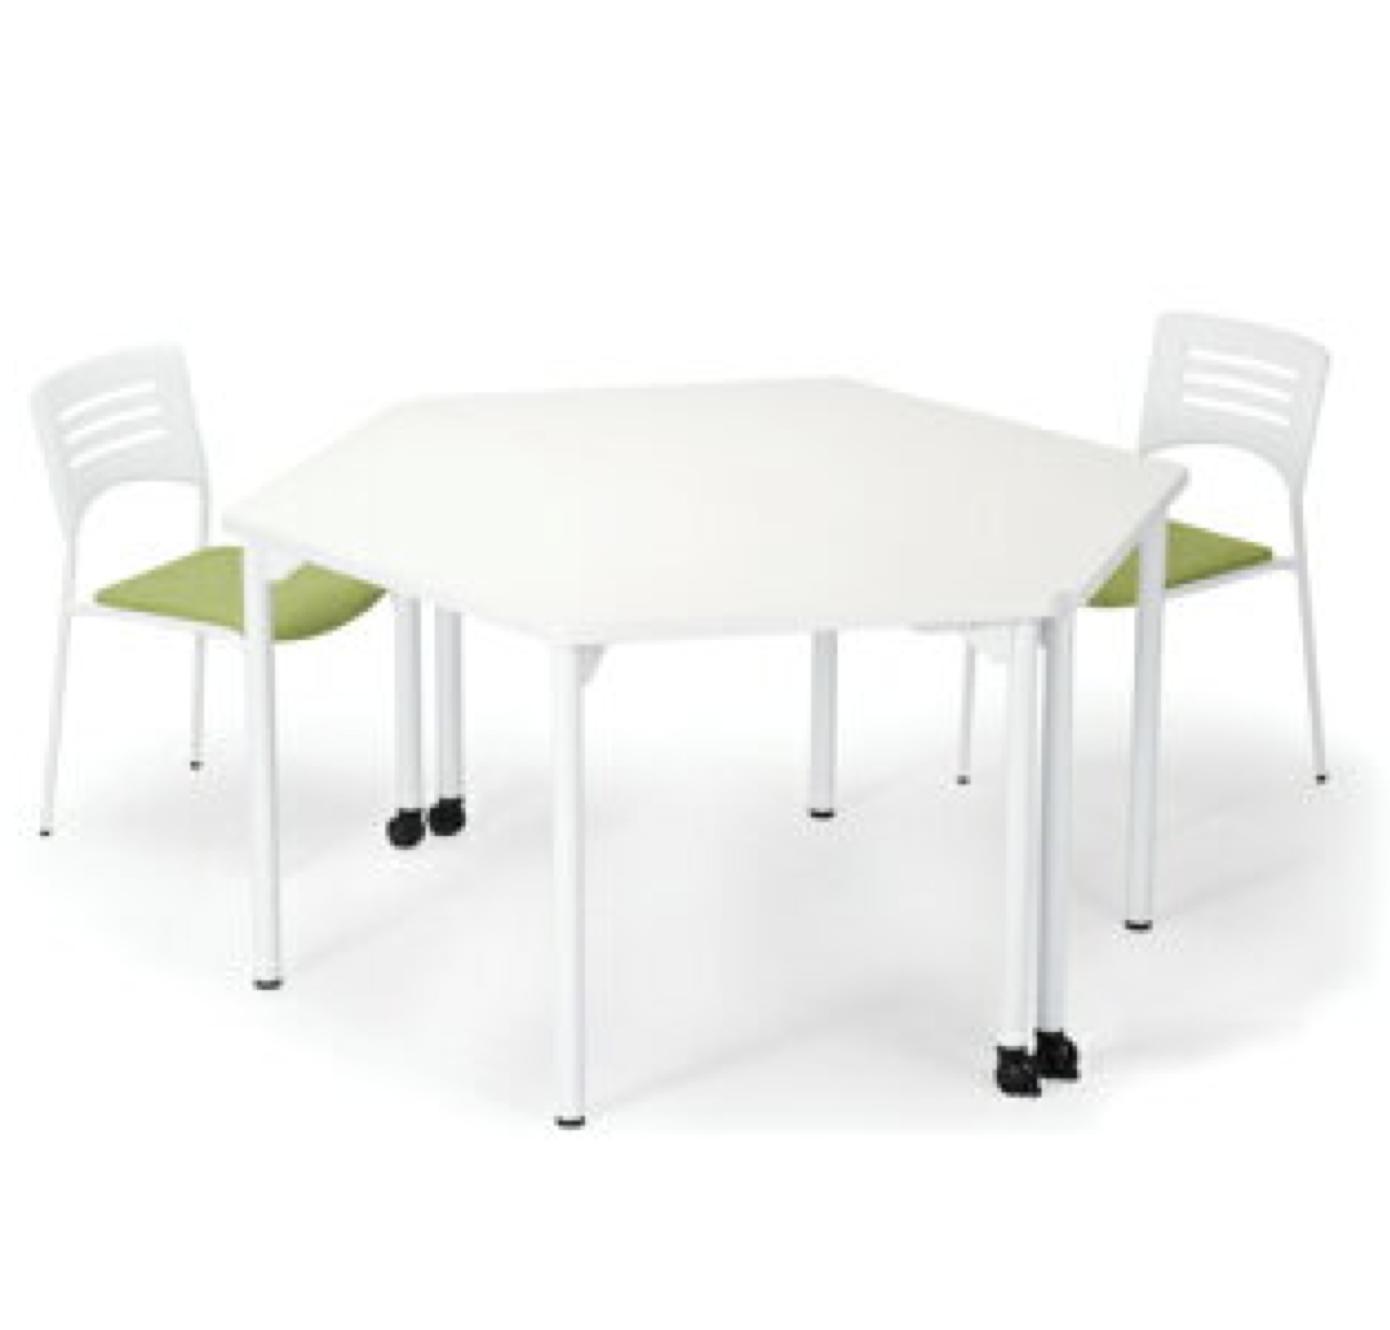 打ち合わせスペースでミーティングテーブルとイスをレイアウトしたイメージ